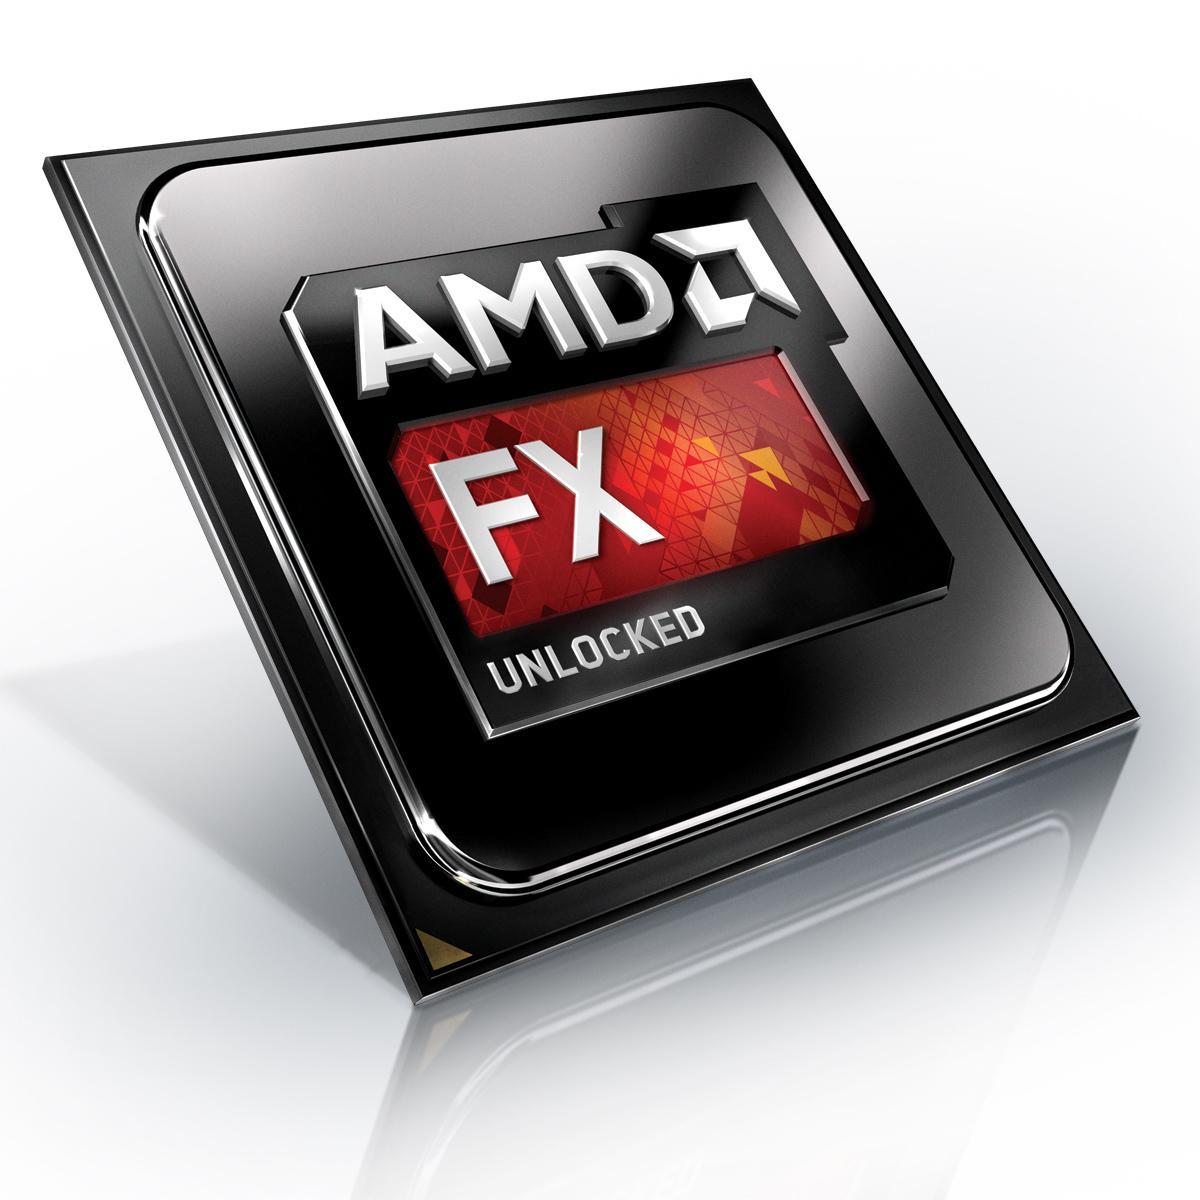 Processeur AMD FX-8370E Black Edition - 8 coeurs (3.3 GHz)